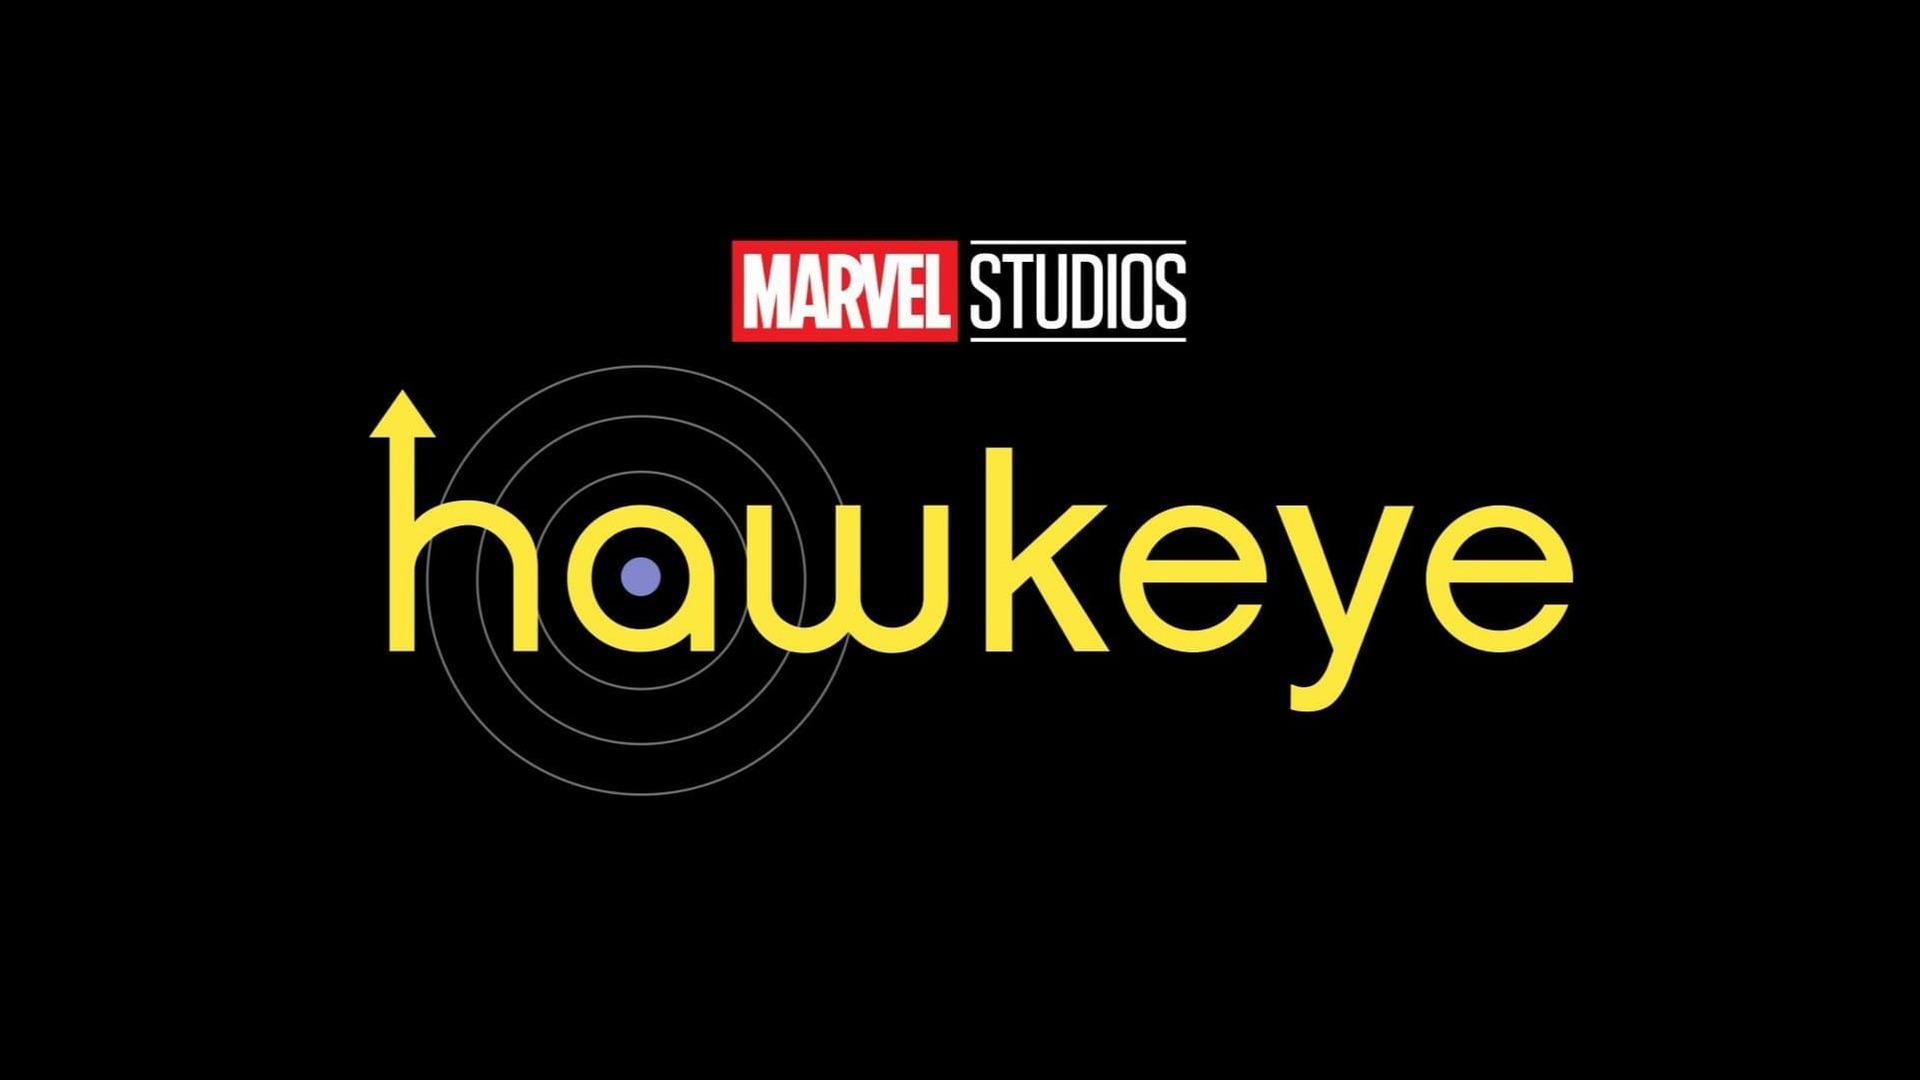 Show Hawkeye